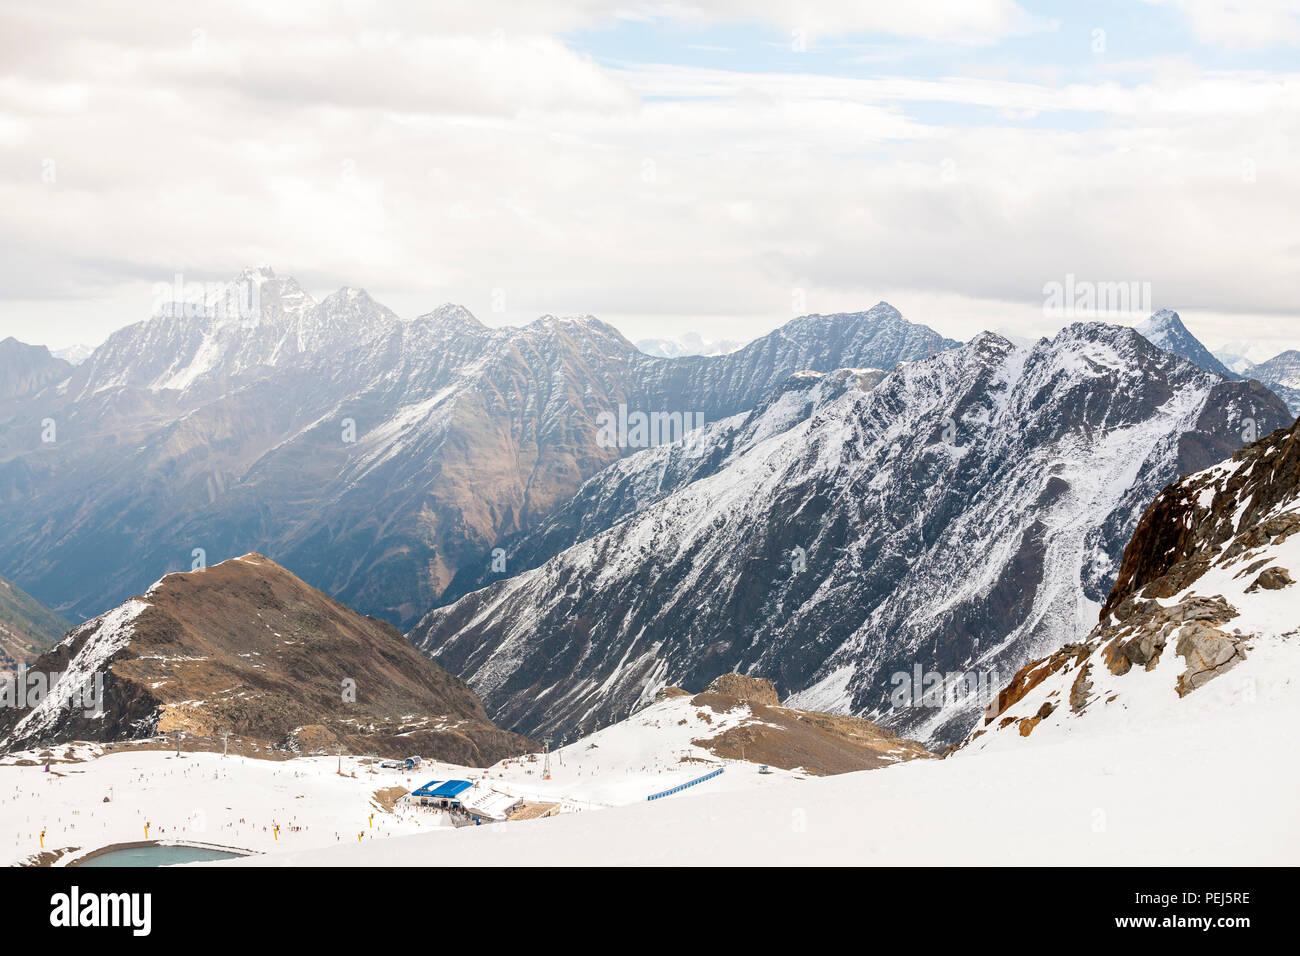 Ski resort in the Alps mountains, Austria, Stubai Stock Photo